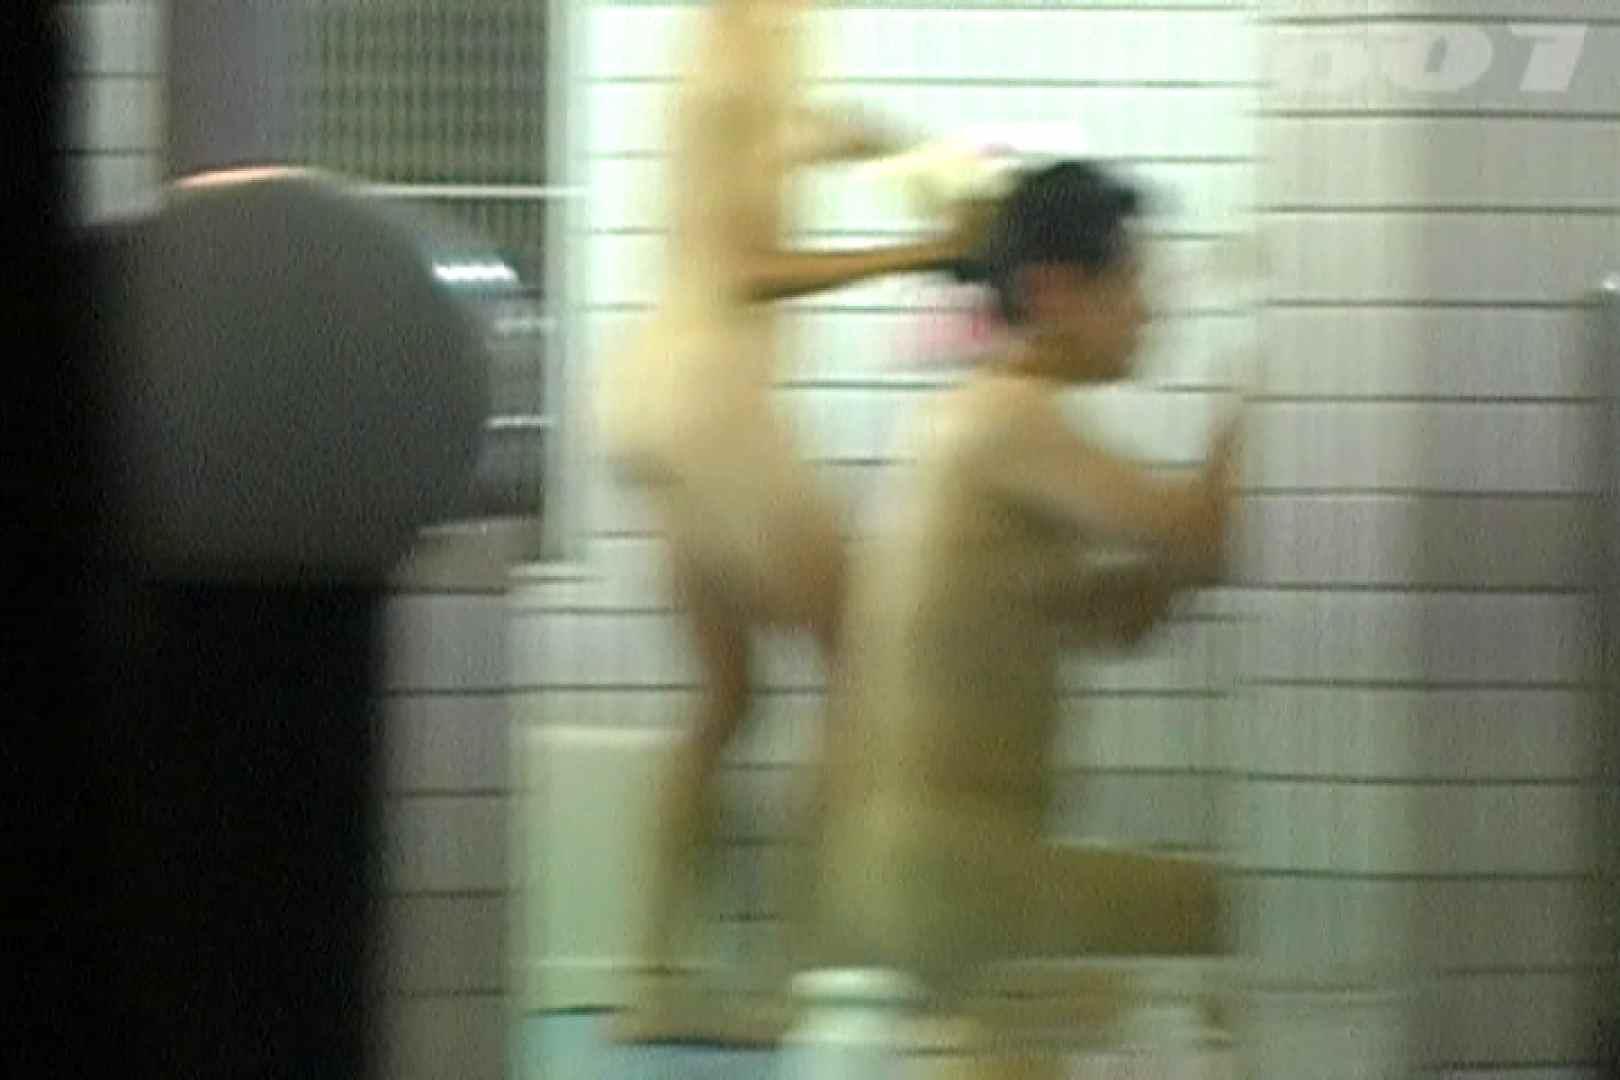 ▲復活限定▲合宿ホテル女風呂盗撮 Vol.07 入浴 おまんこ無修正動画無料 81枚 33